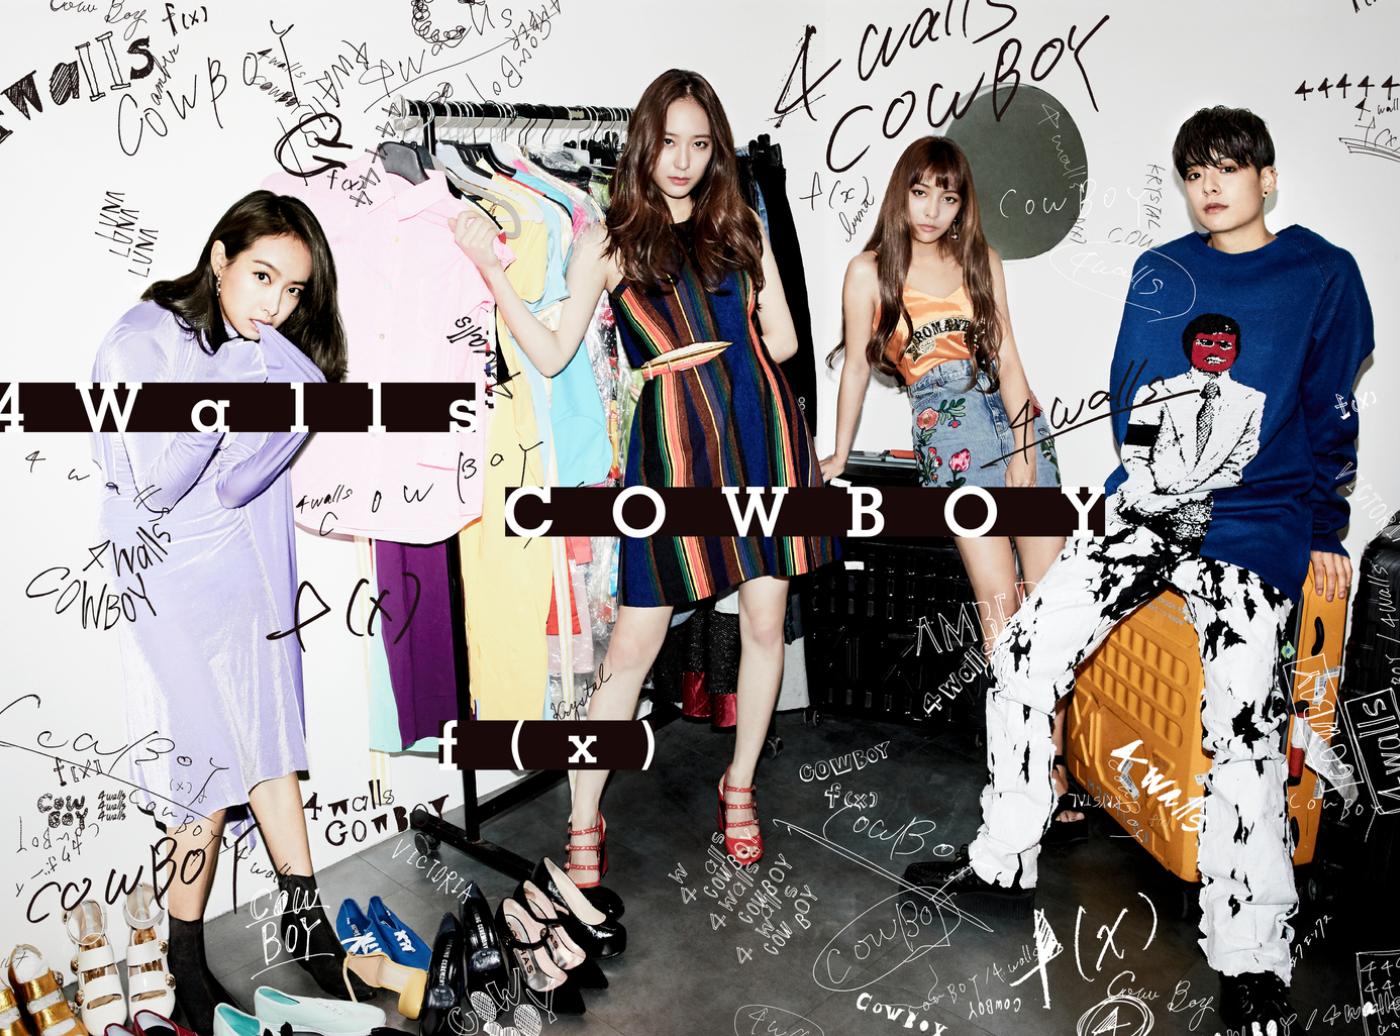 F(x) 4 Walls Cowboy Cover Photo (2).png